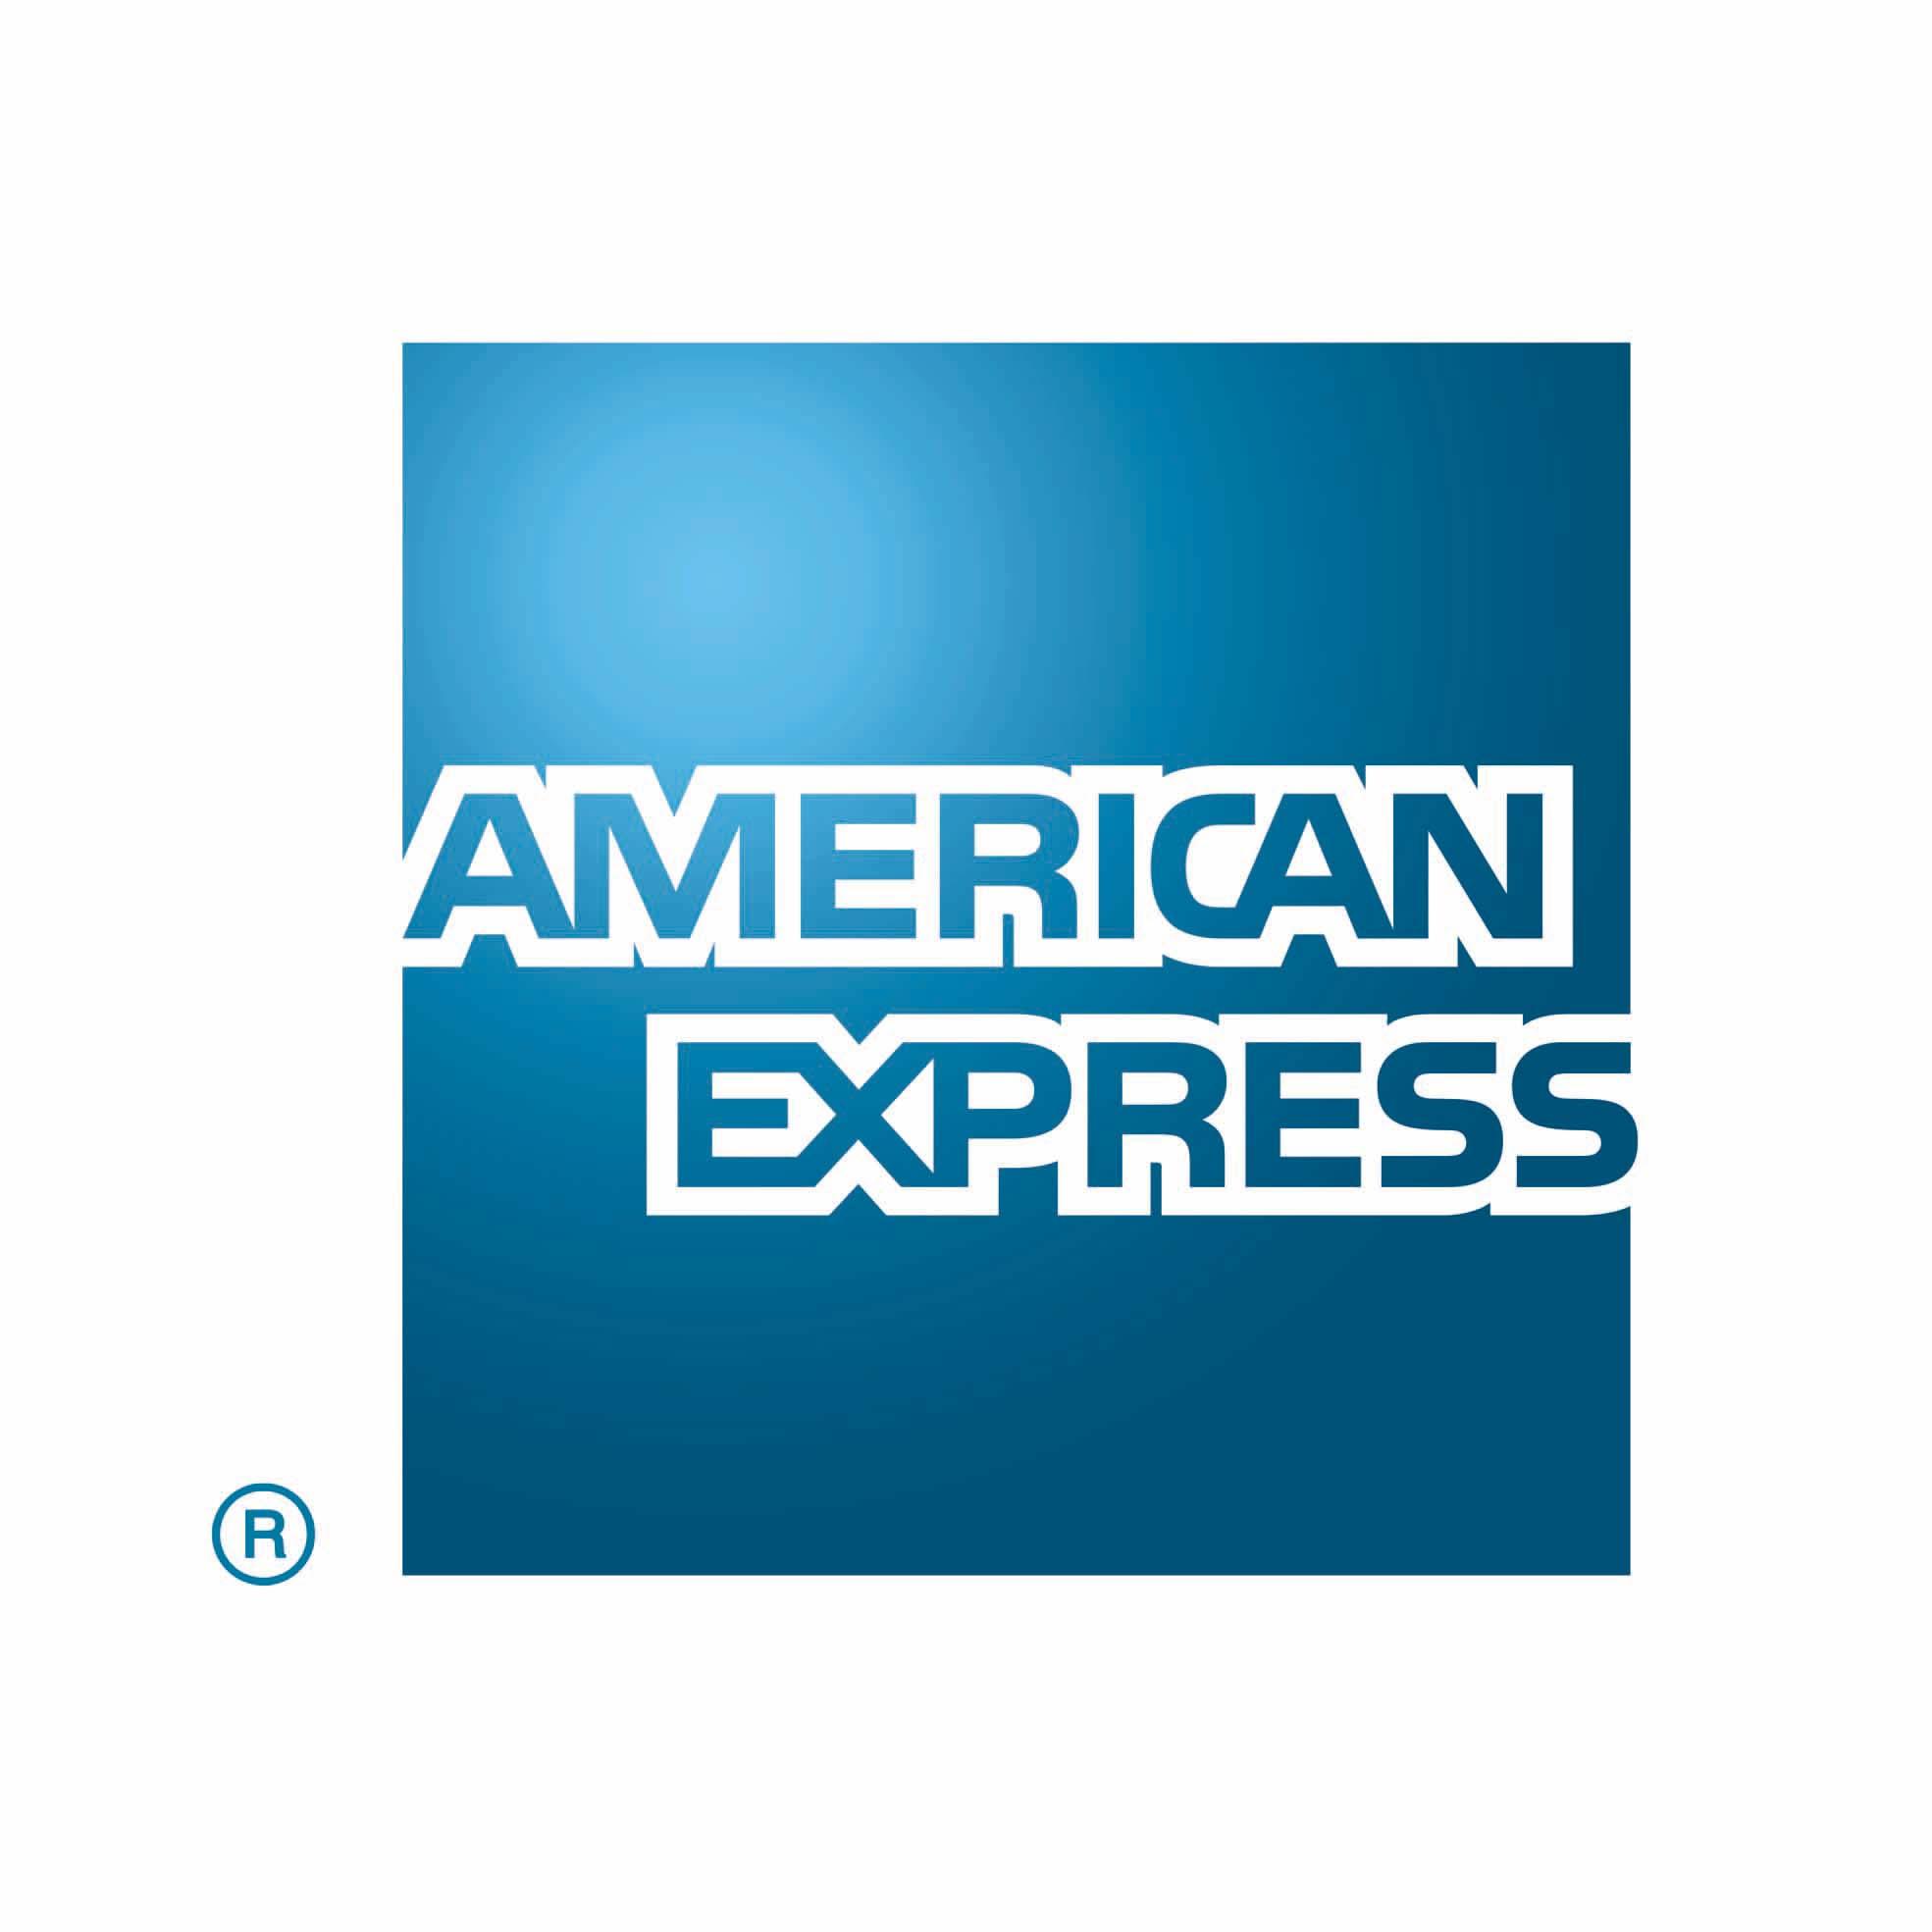 American-Express-Logo-HD.jpg